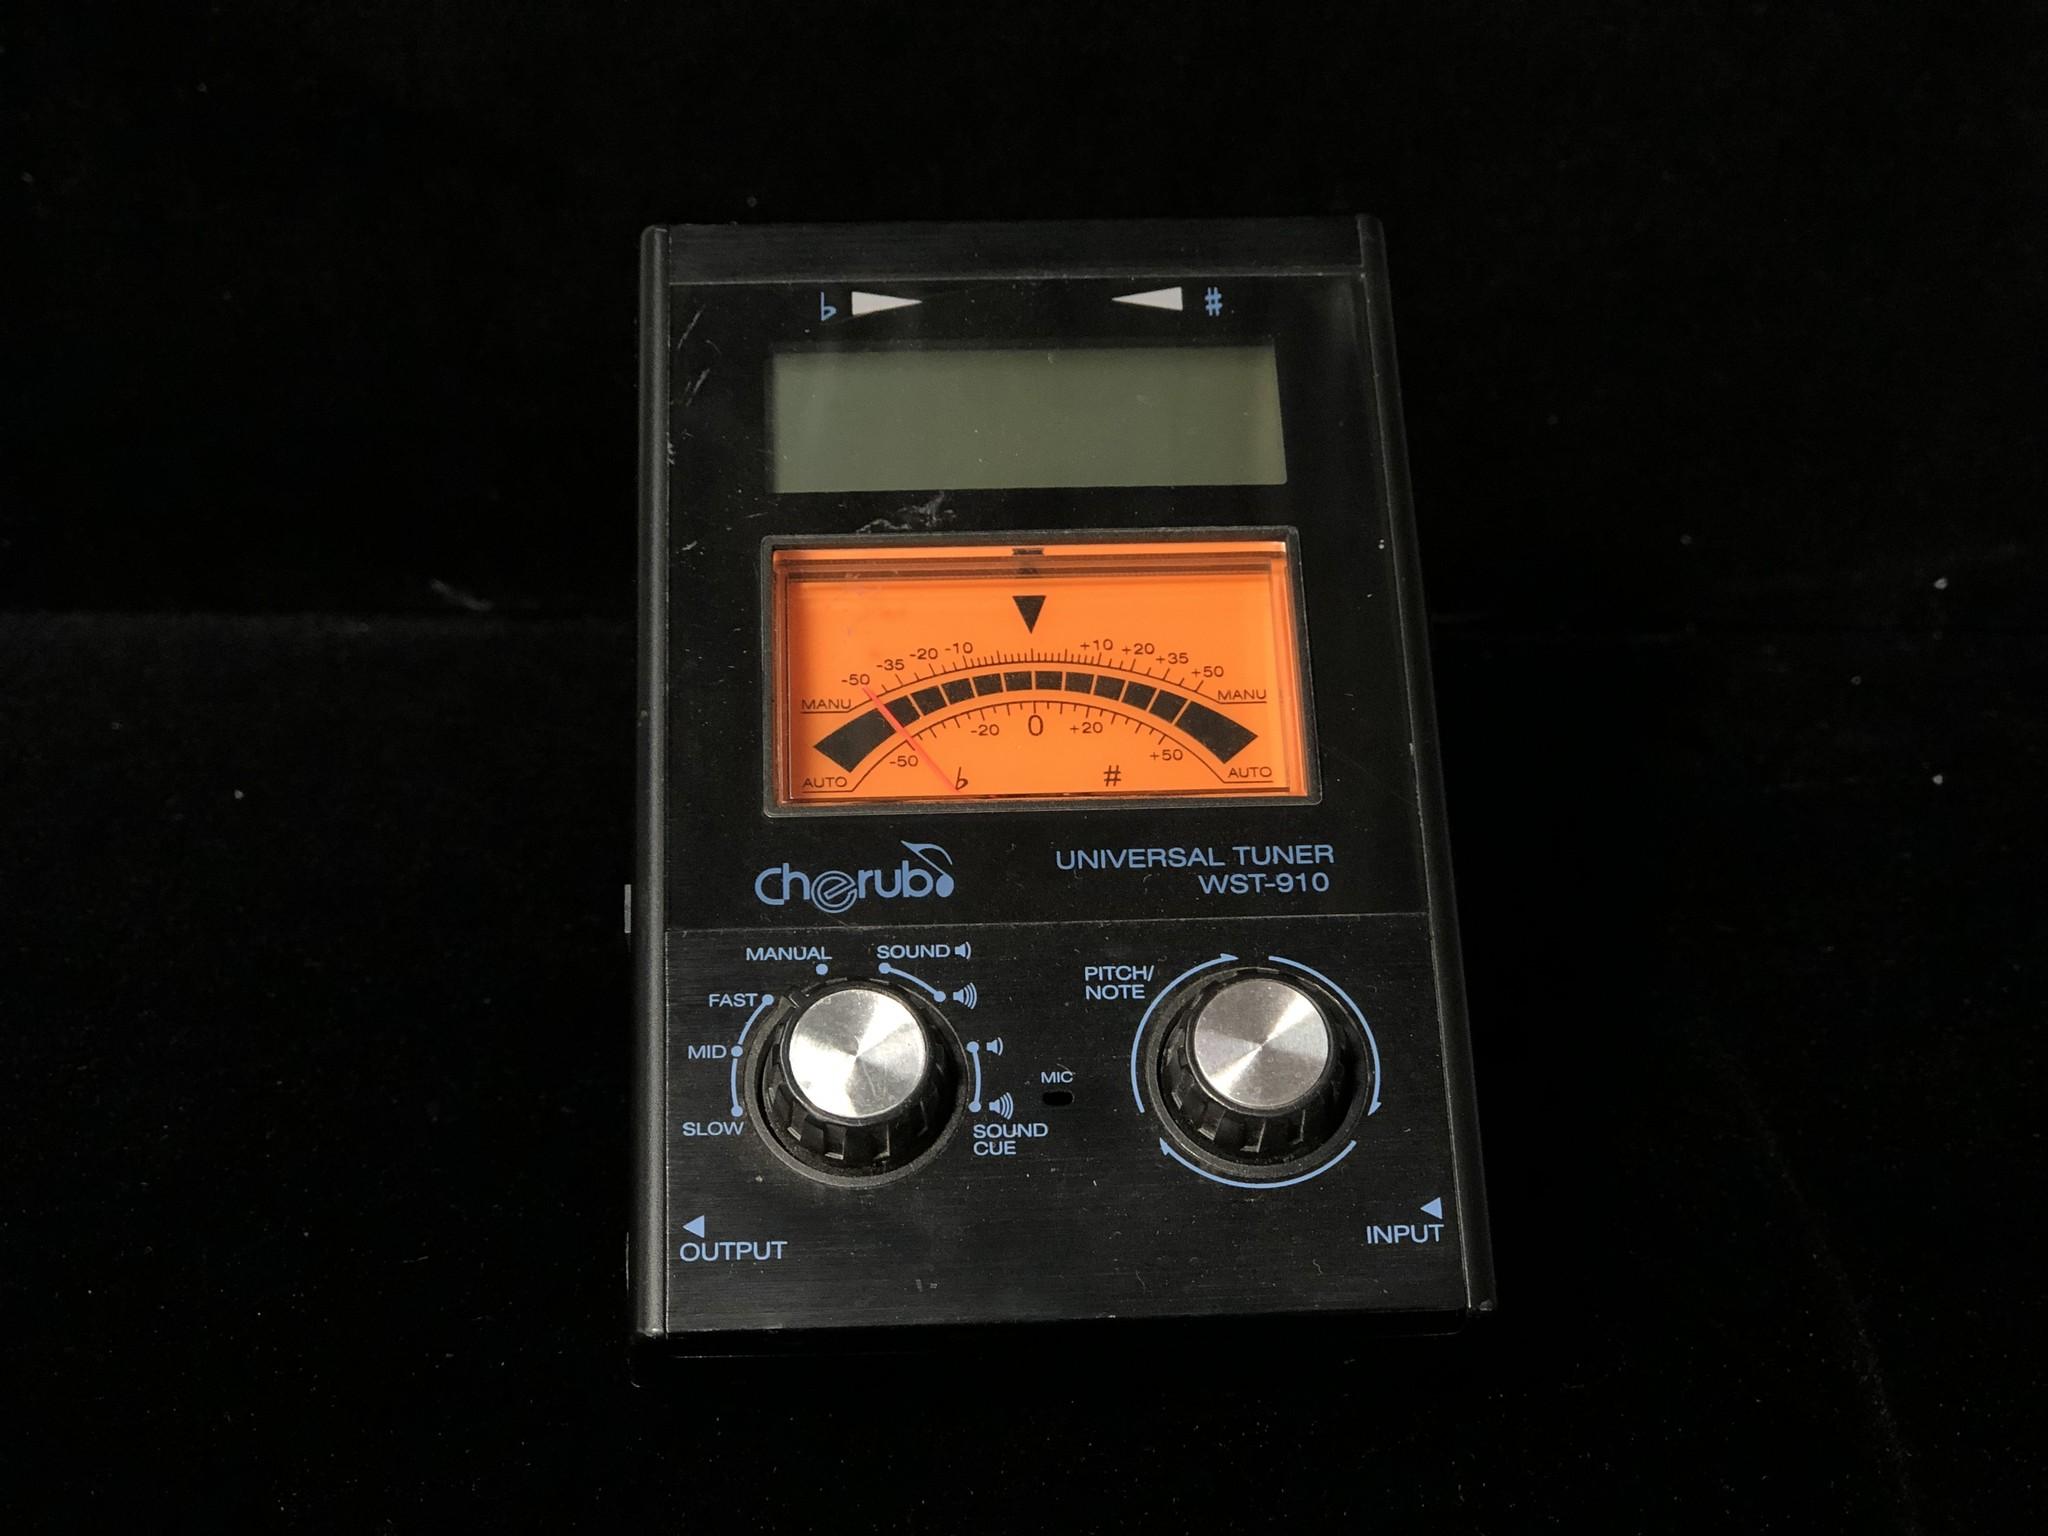 Cherub WST-910 Universal Tuner (USED)-1